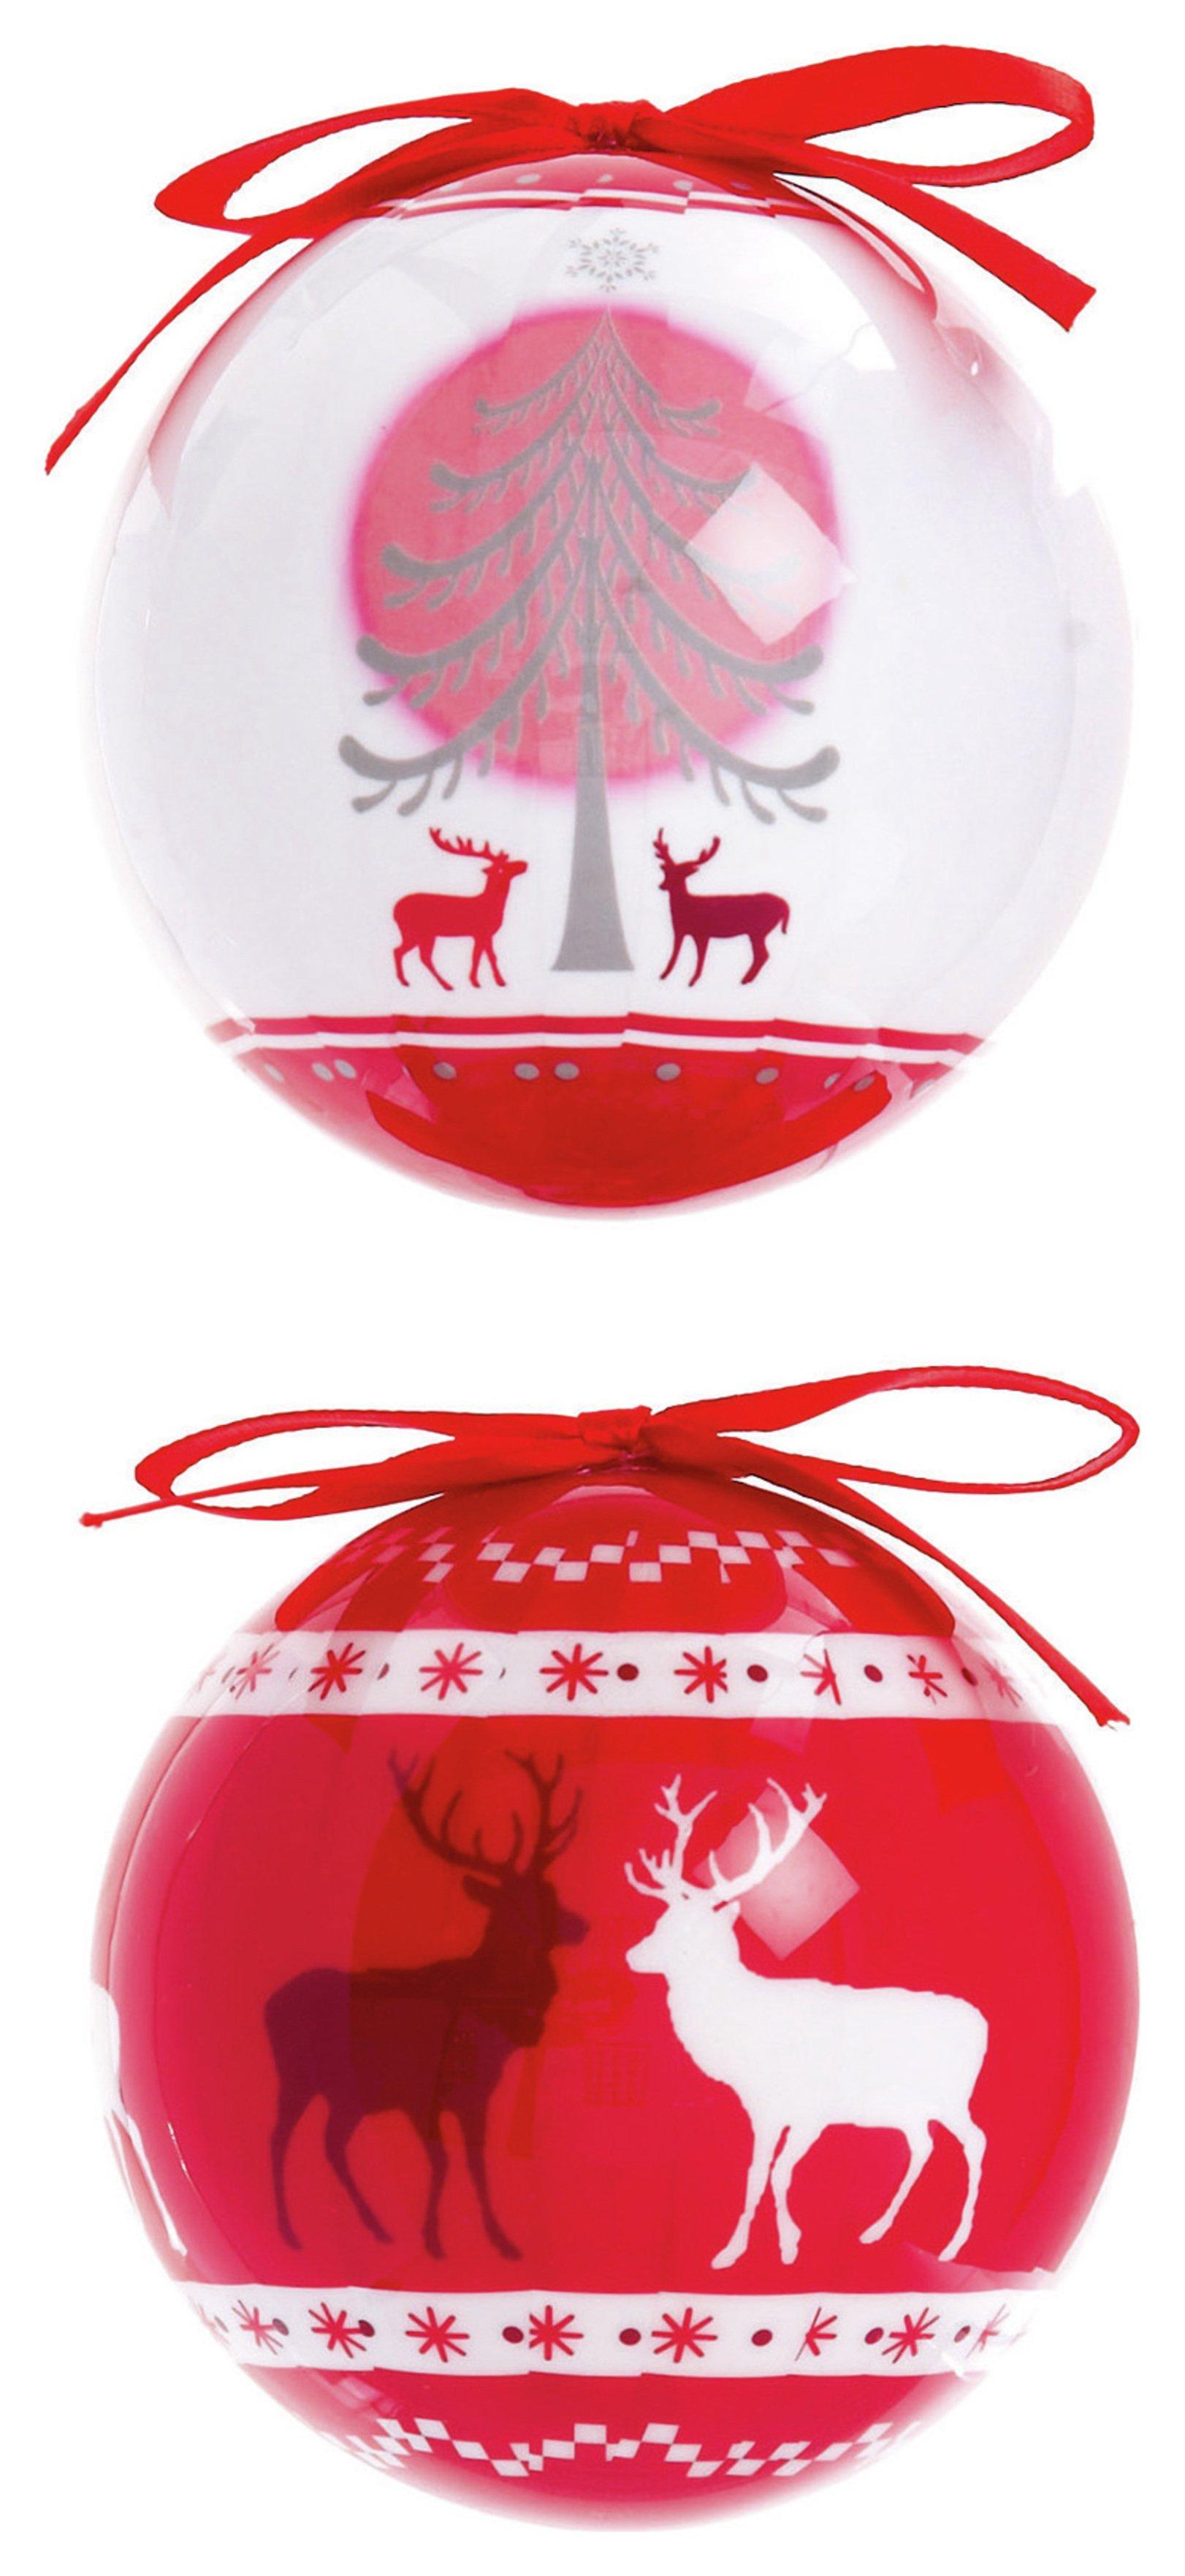 premier-decorations-set-of-2-reindeer-decoupage-baubles